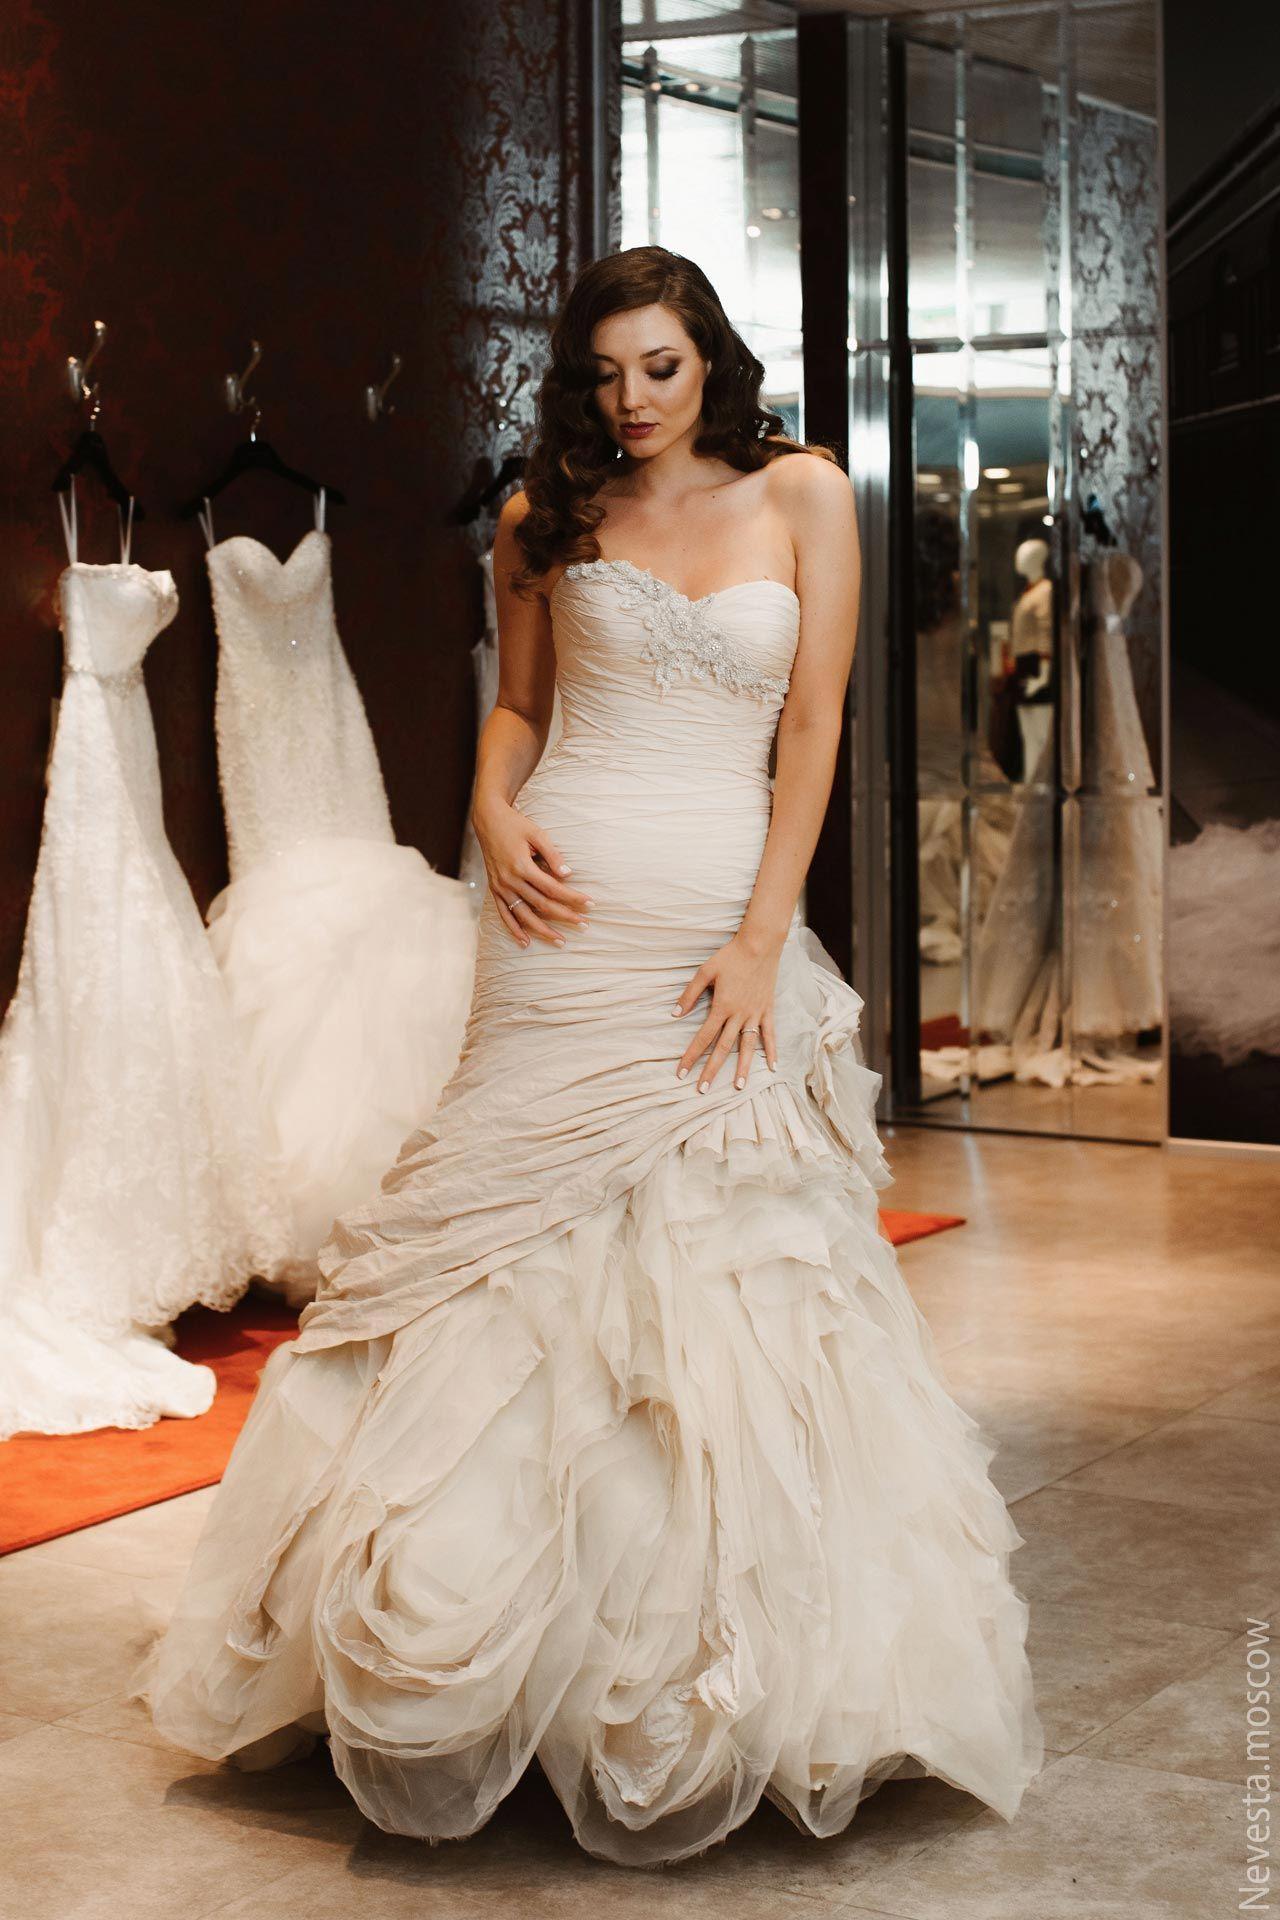 Рената Байкова примеряет свадебное платье фото 12